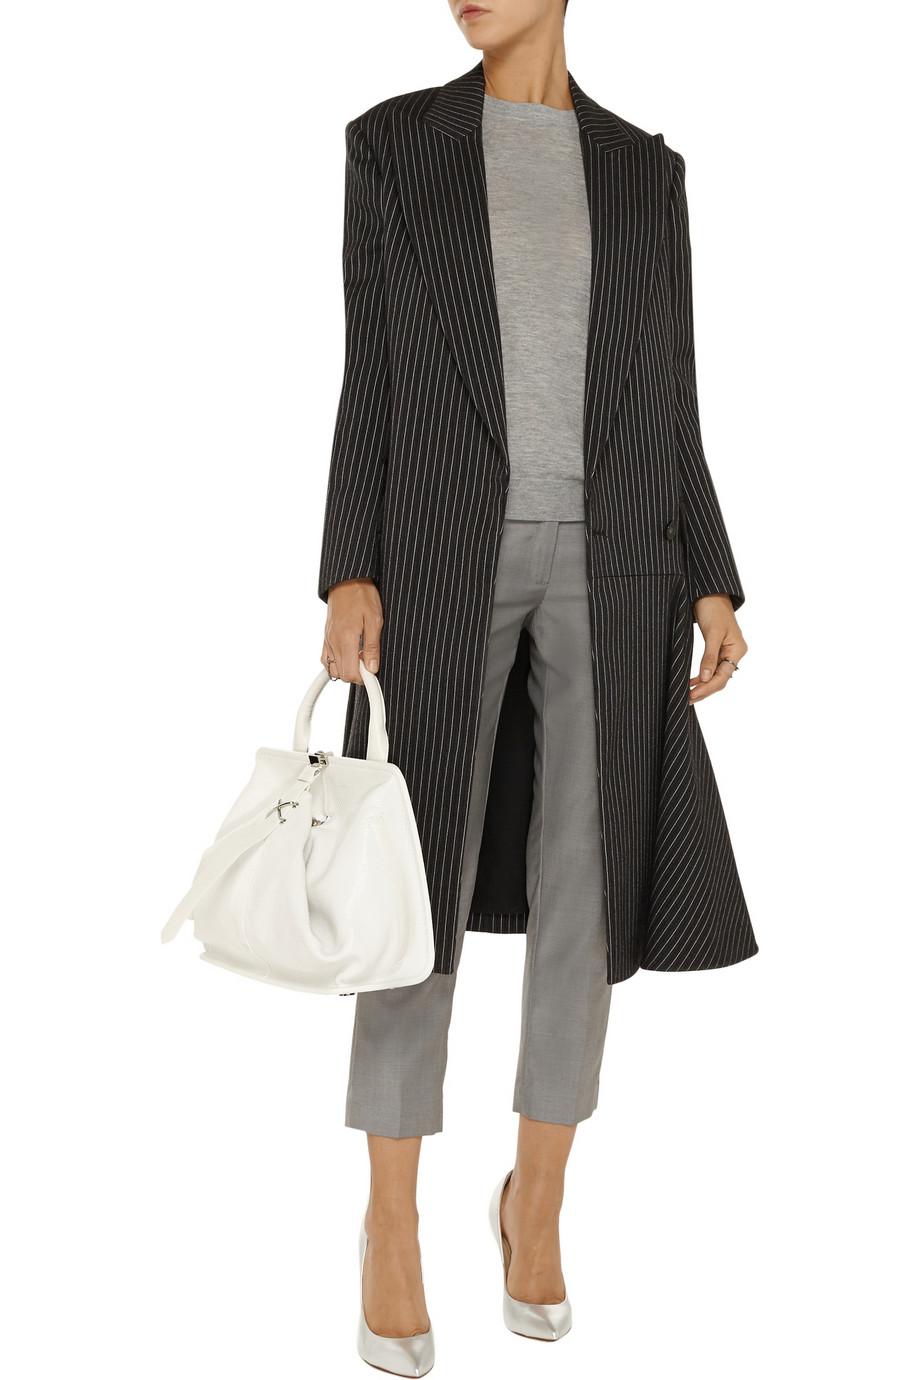 Stella mccartney paulette pinstripe wool